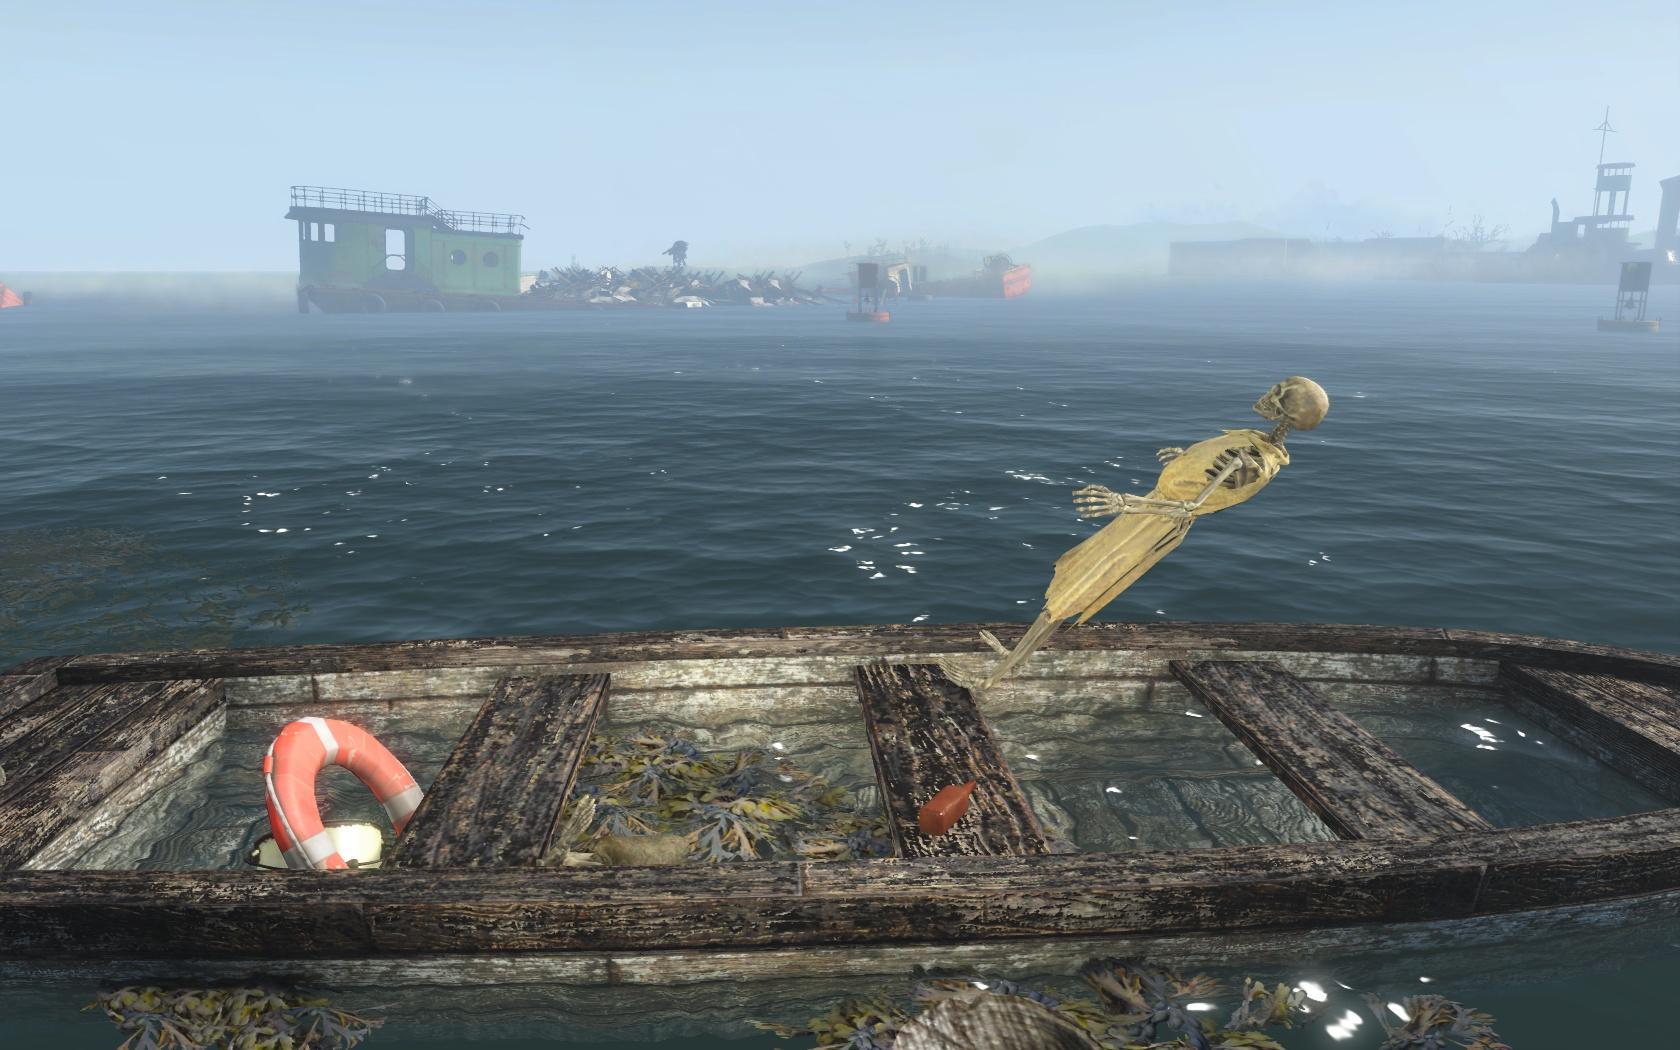 Чудесное воспарение (набережная у Бара Клевер) - Fallout 4 Баг, Бар, Бар Клевер, Клевер, набережная, скелет